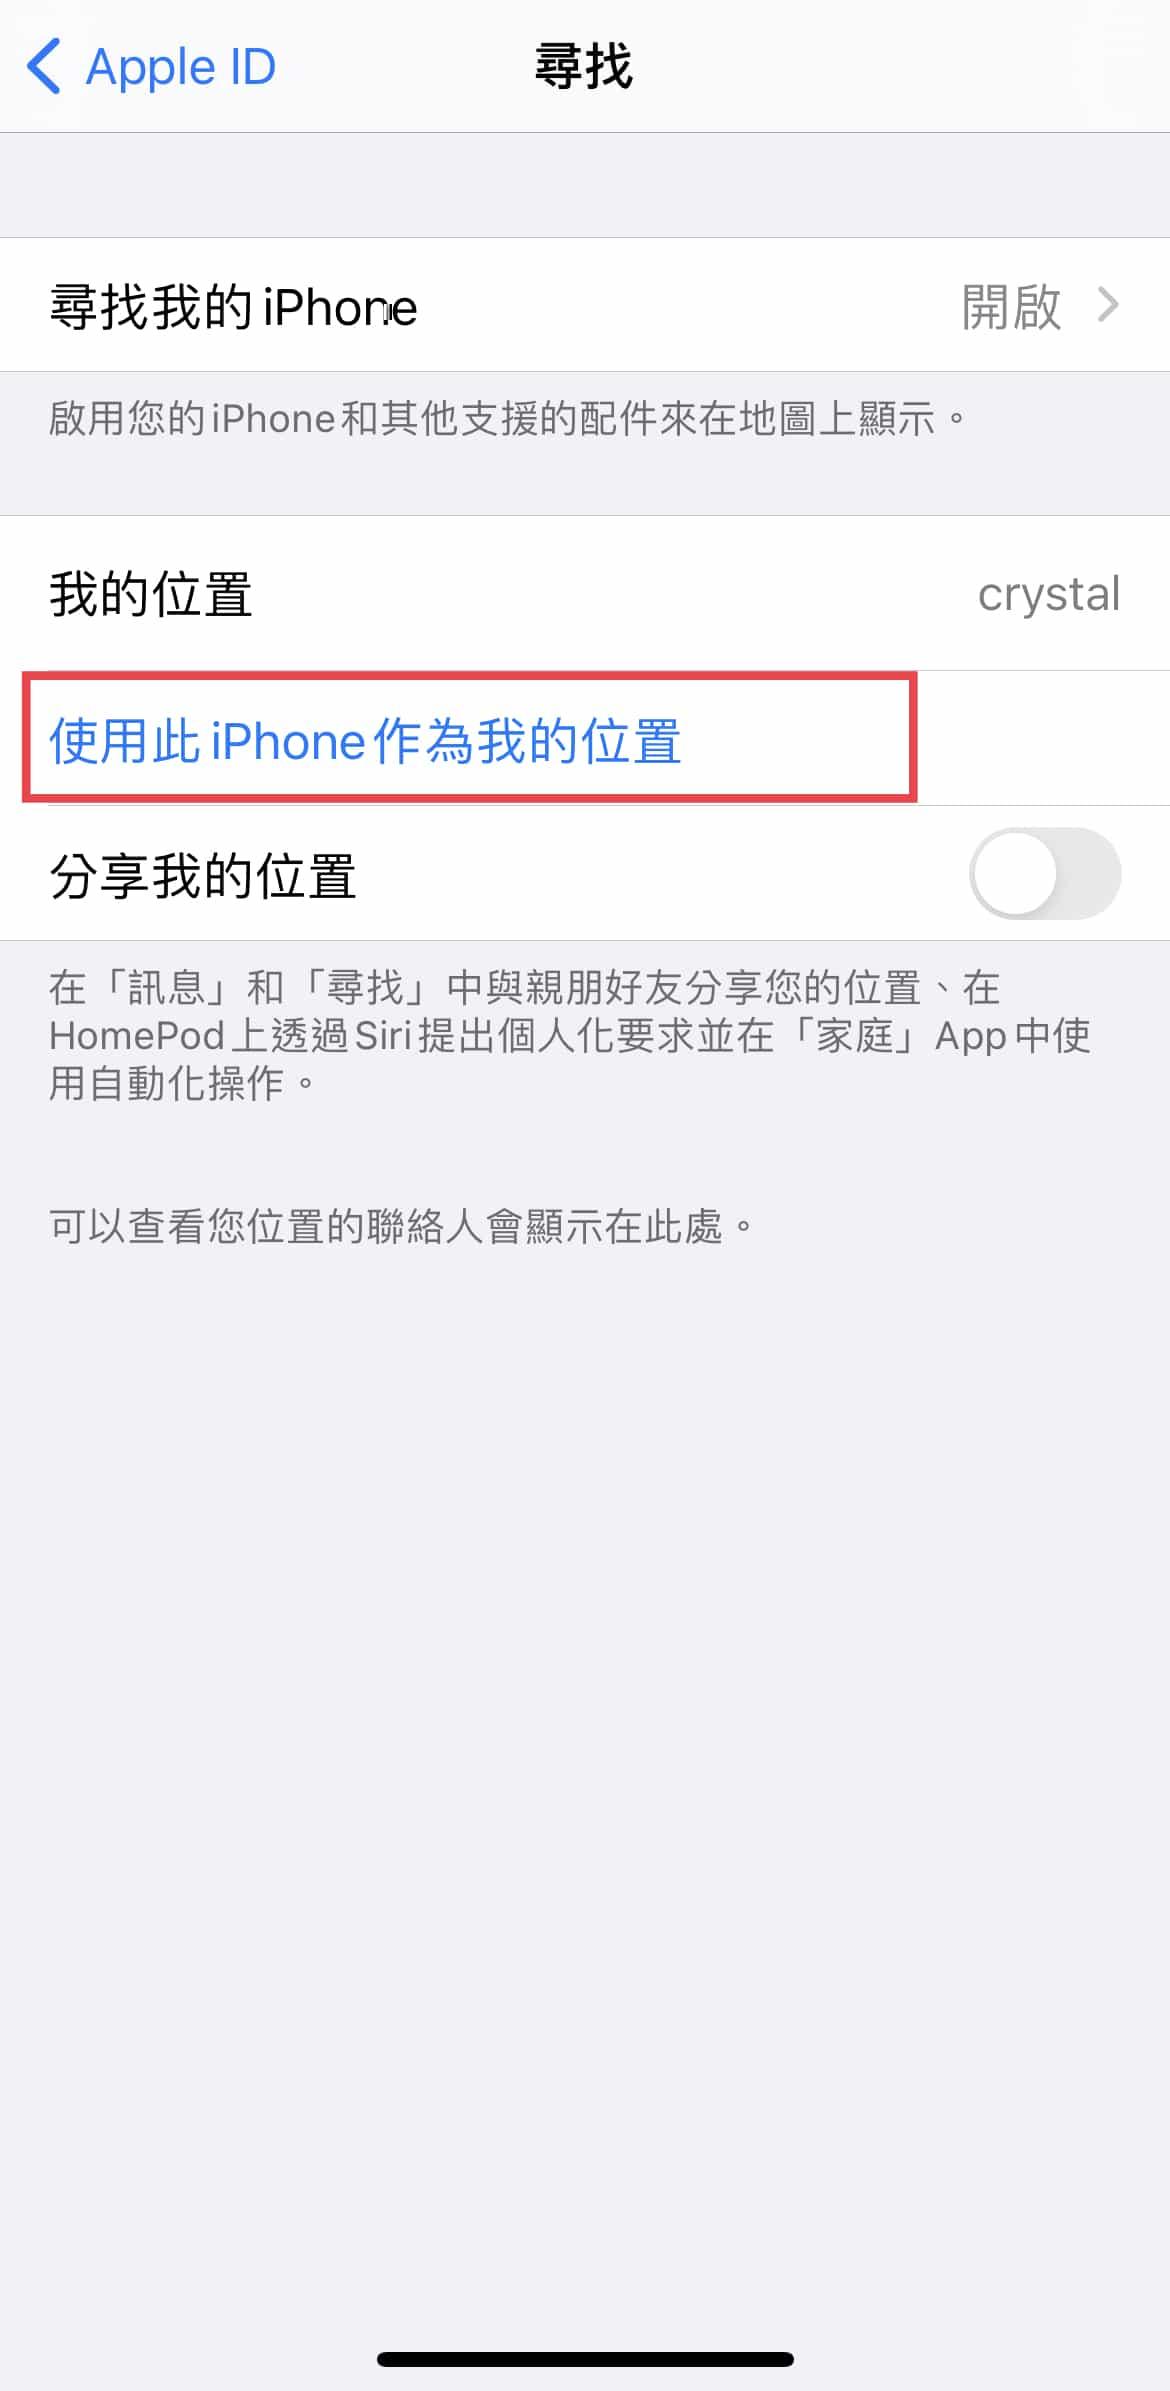 使用此iPhone作為我的位置